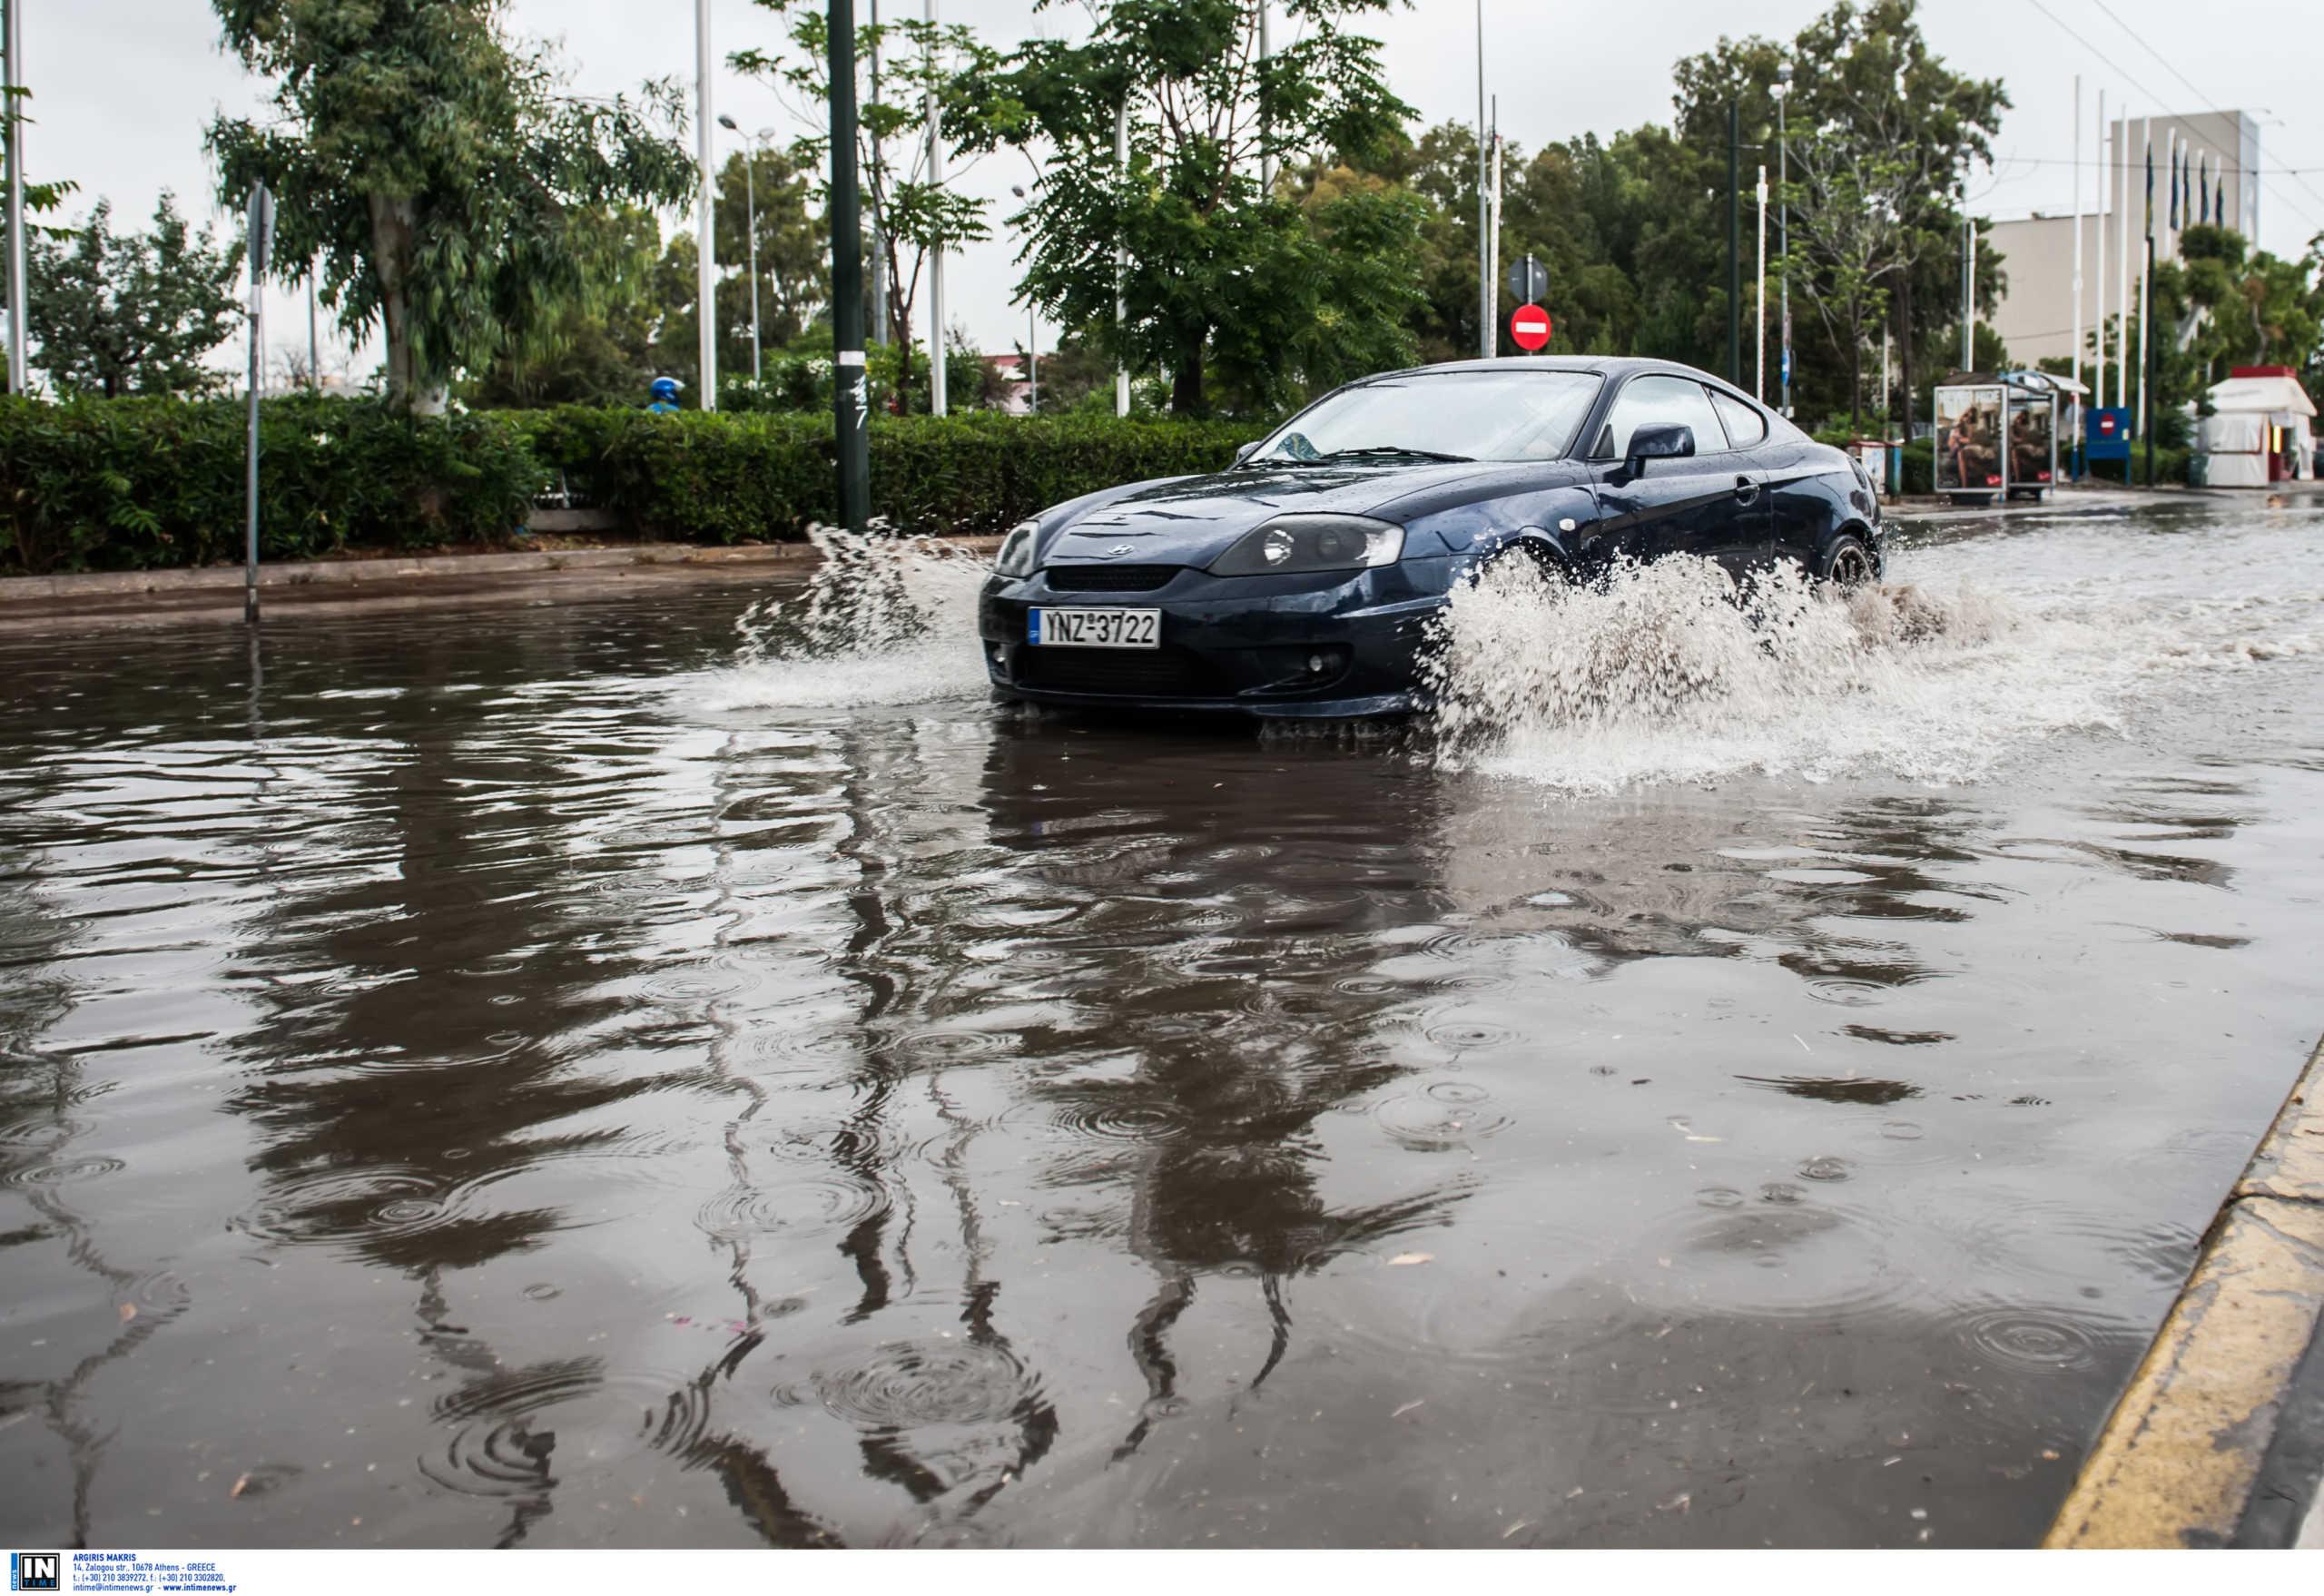 Καιρός: Σοβαρά προβλήματα στη Φθιώτιδα! Διακόπηκε η κυκλοφορία στην παλιά εθνική οδό